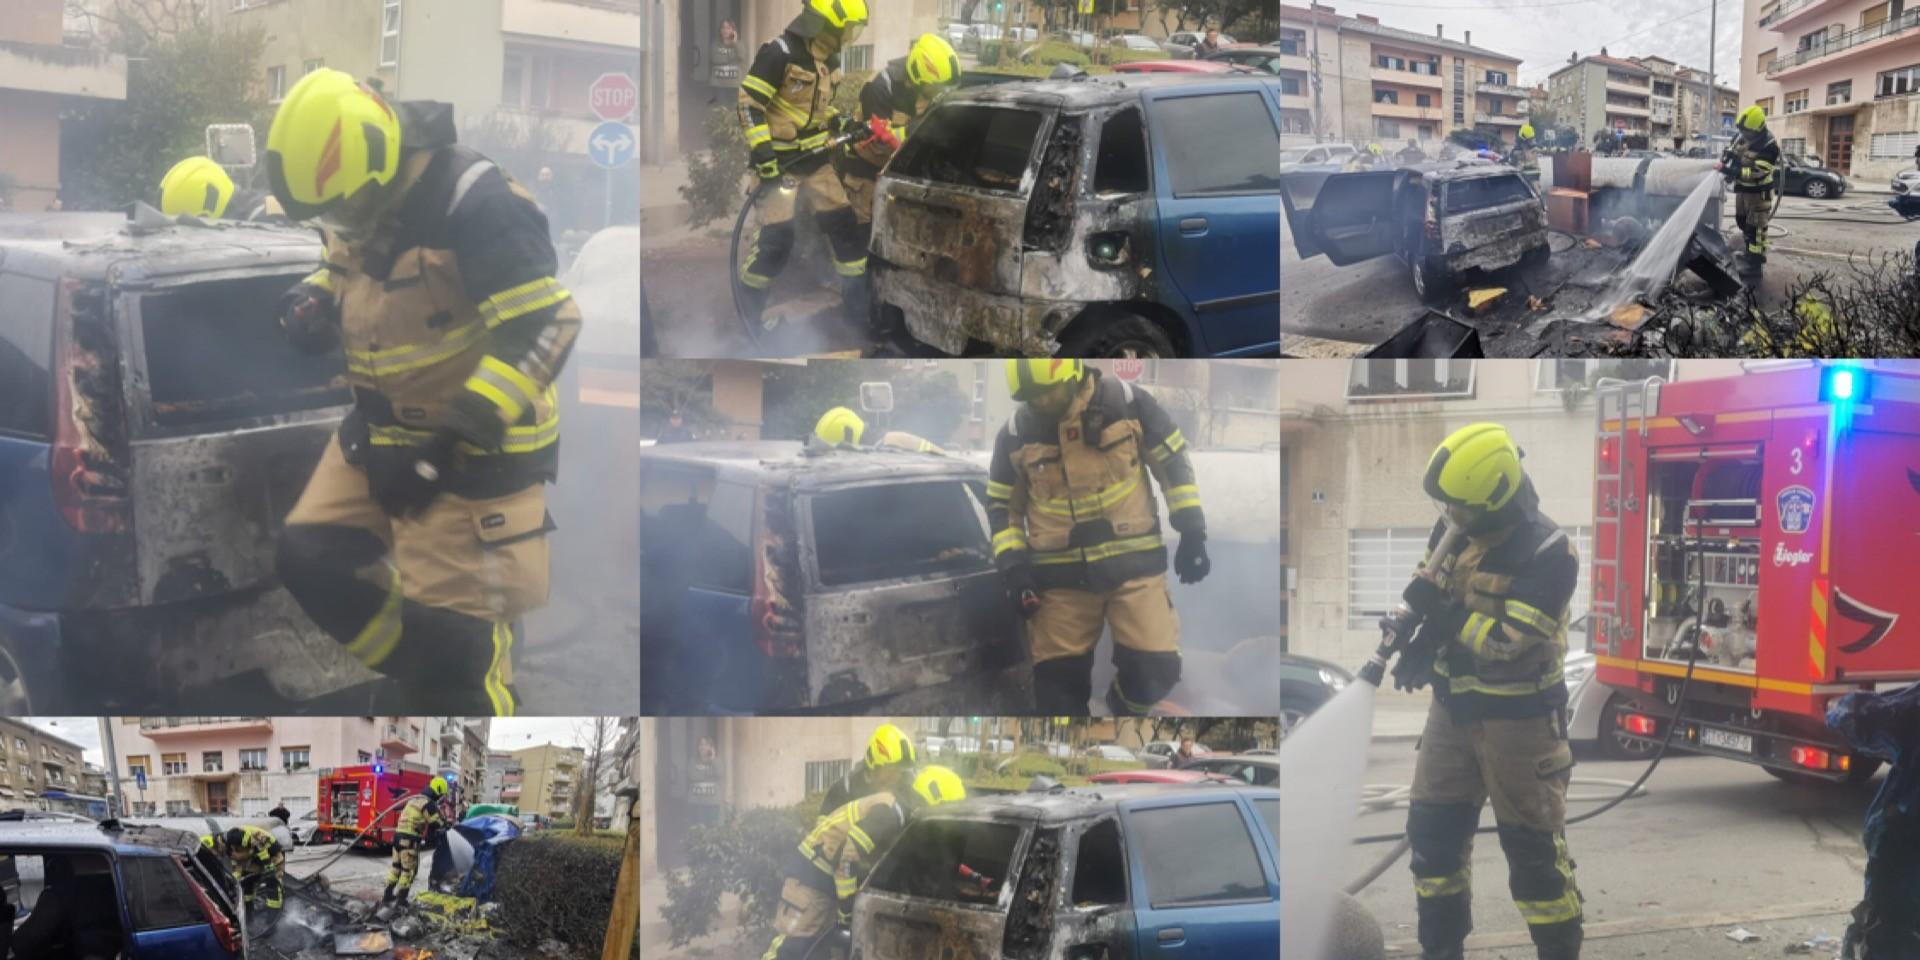 FOTO/VIDEO Golemi požar buknuo u Spinutu, čula se i eksplozija, izgorio Punto